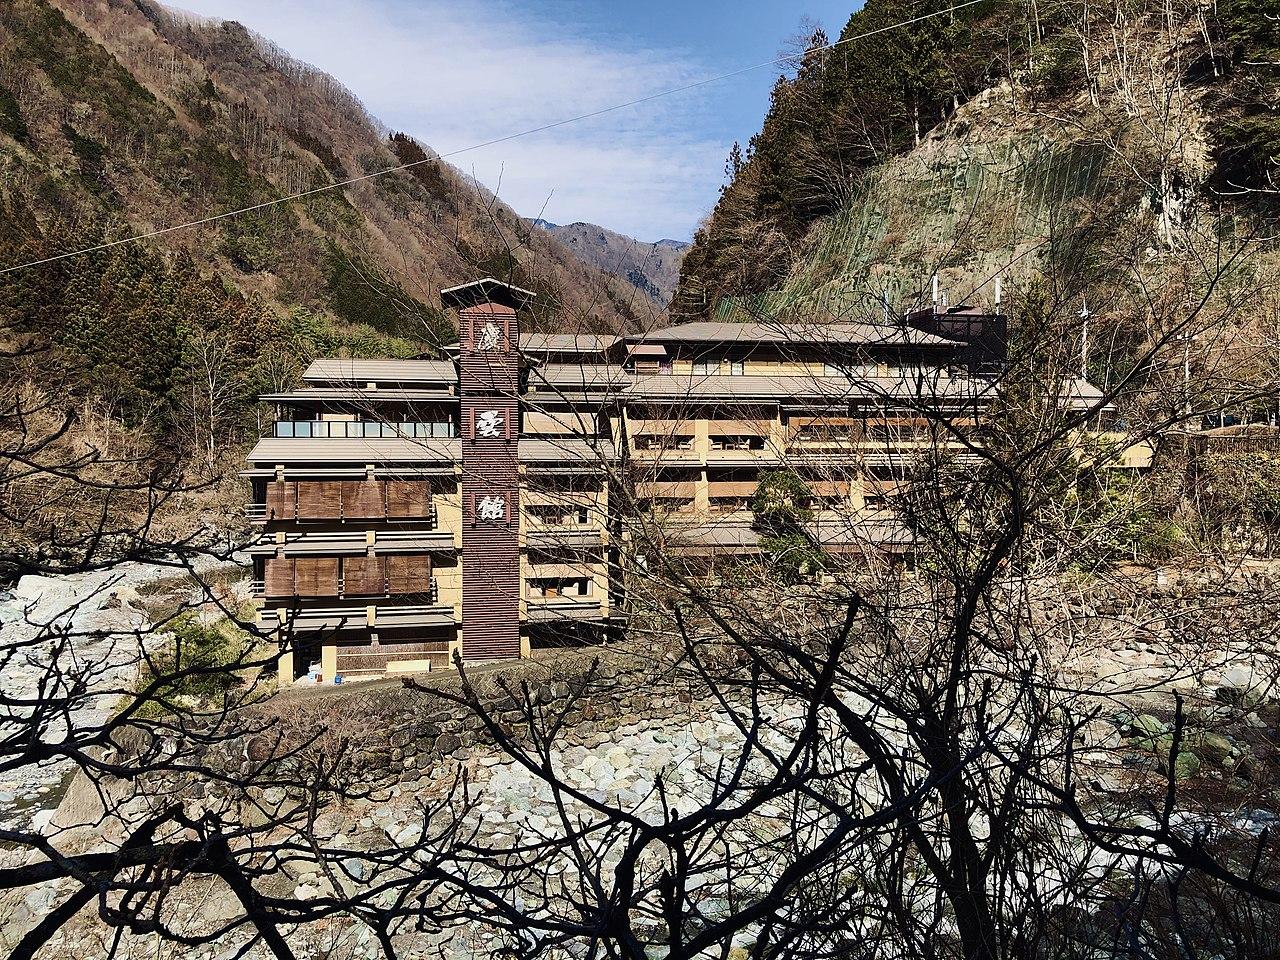 »Nishiyama Onsen Keiunkan« ist das älteste Hotel der Welt - seit 705 durchgängig in Betrieb